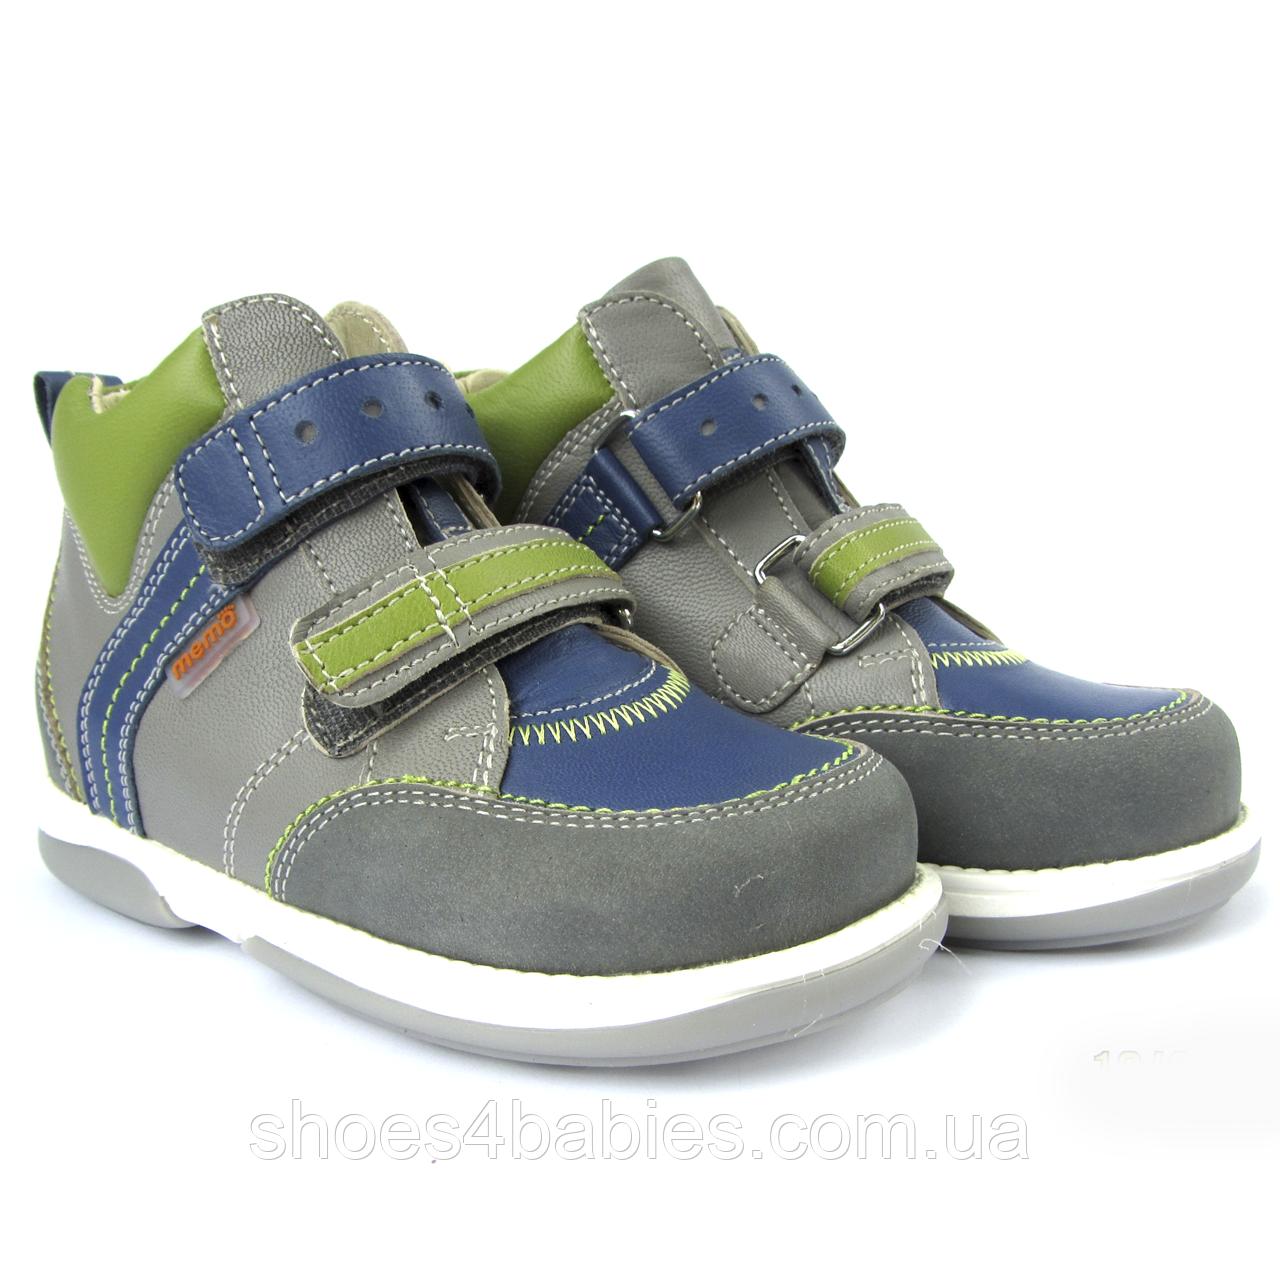 Memo Polo Junior Серый Синий Зеленый - Ортопедические кроссовки для детей 26